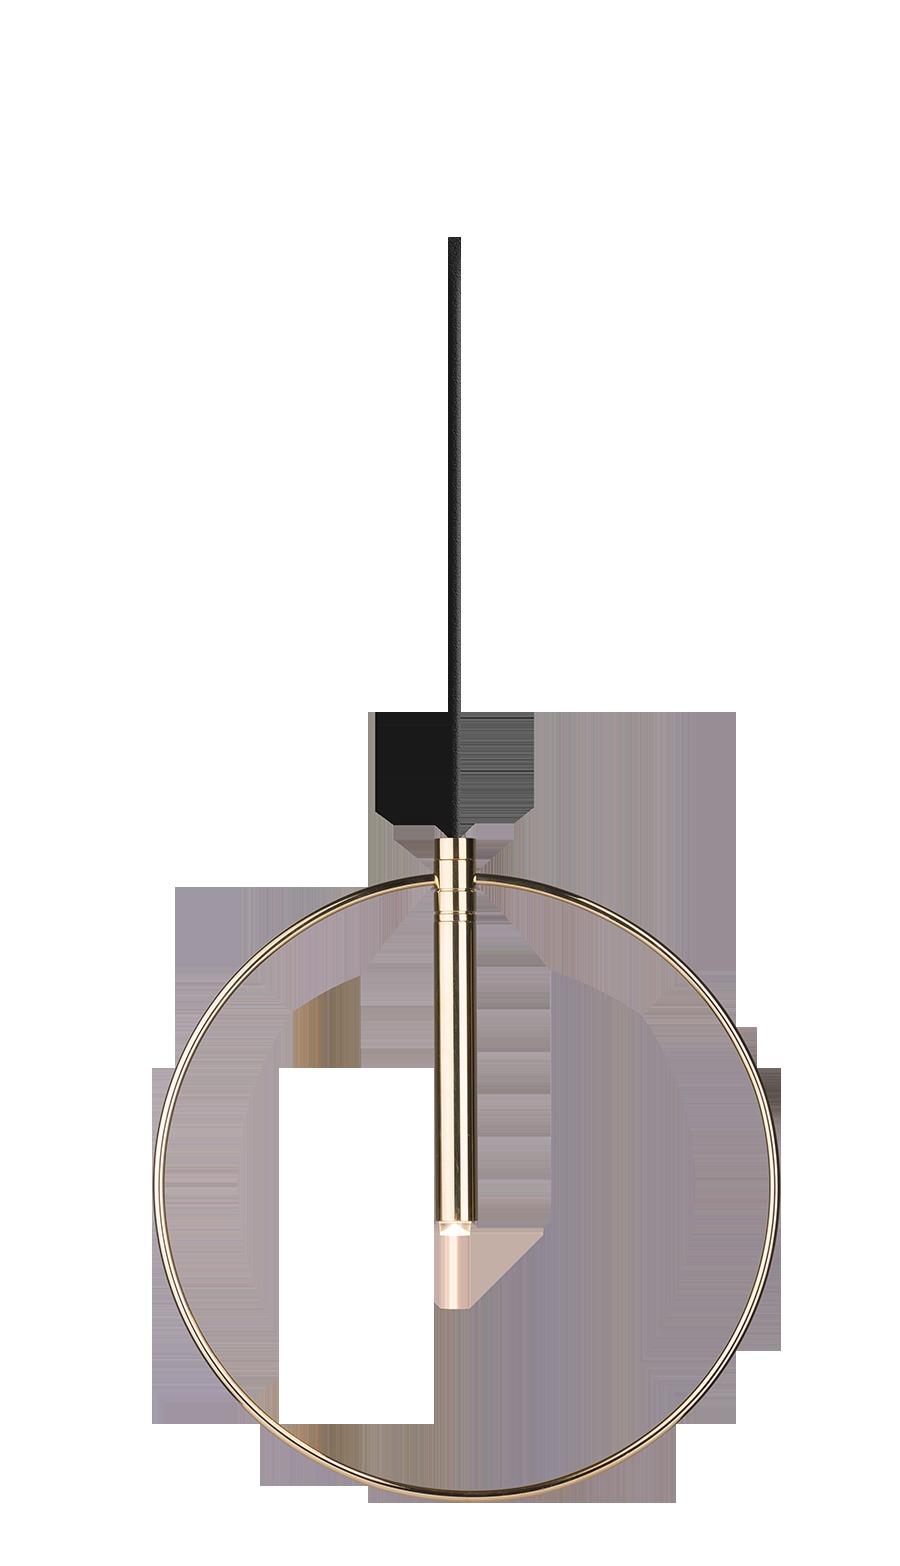 Lampa wisząca Faro 1 Złoty 0553 - Amplex // Rabaty w koszyku i darmowa dostawa od 299zł !